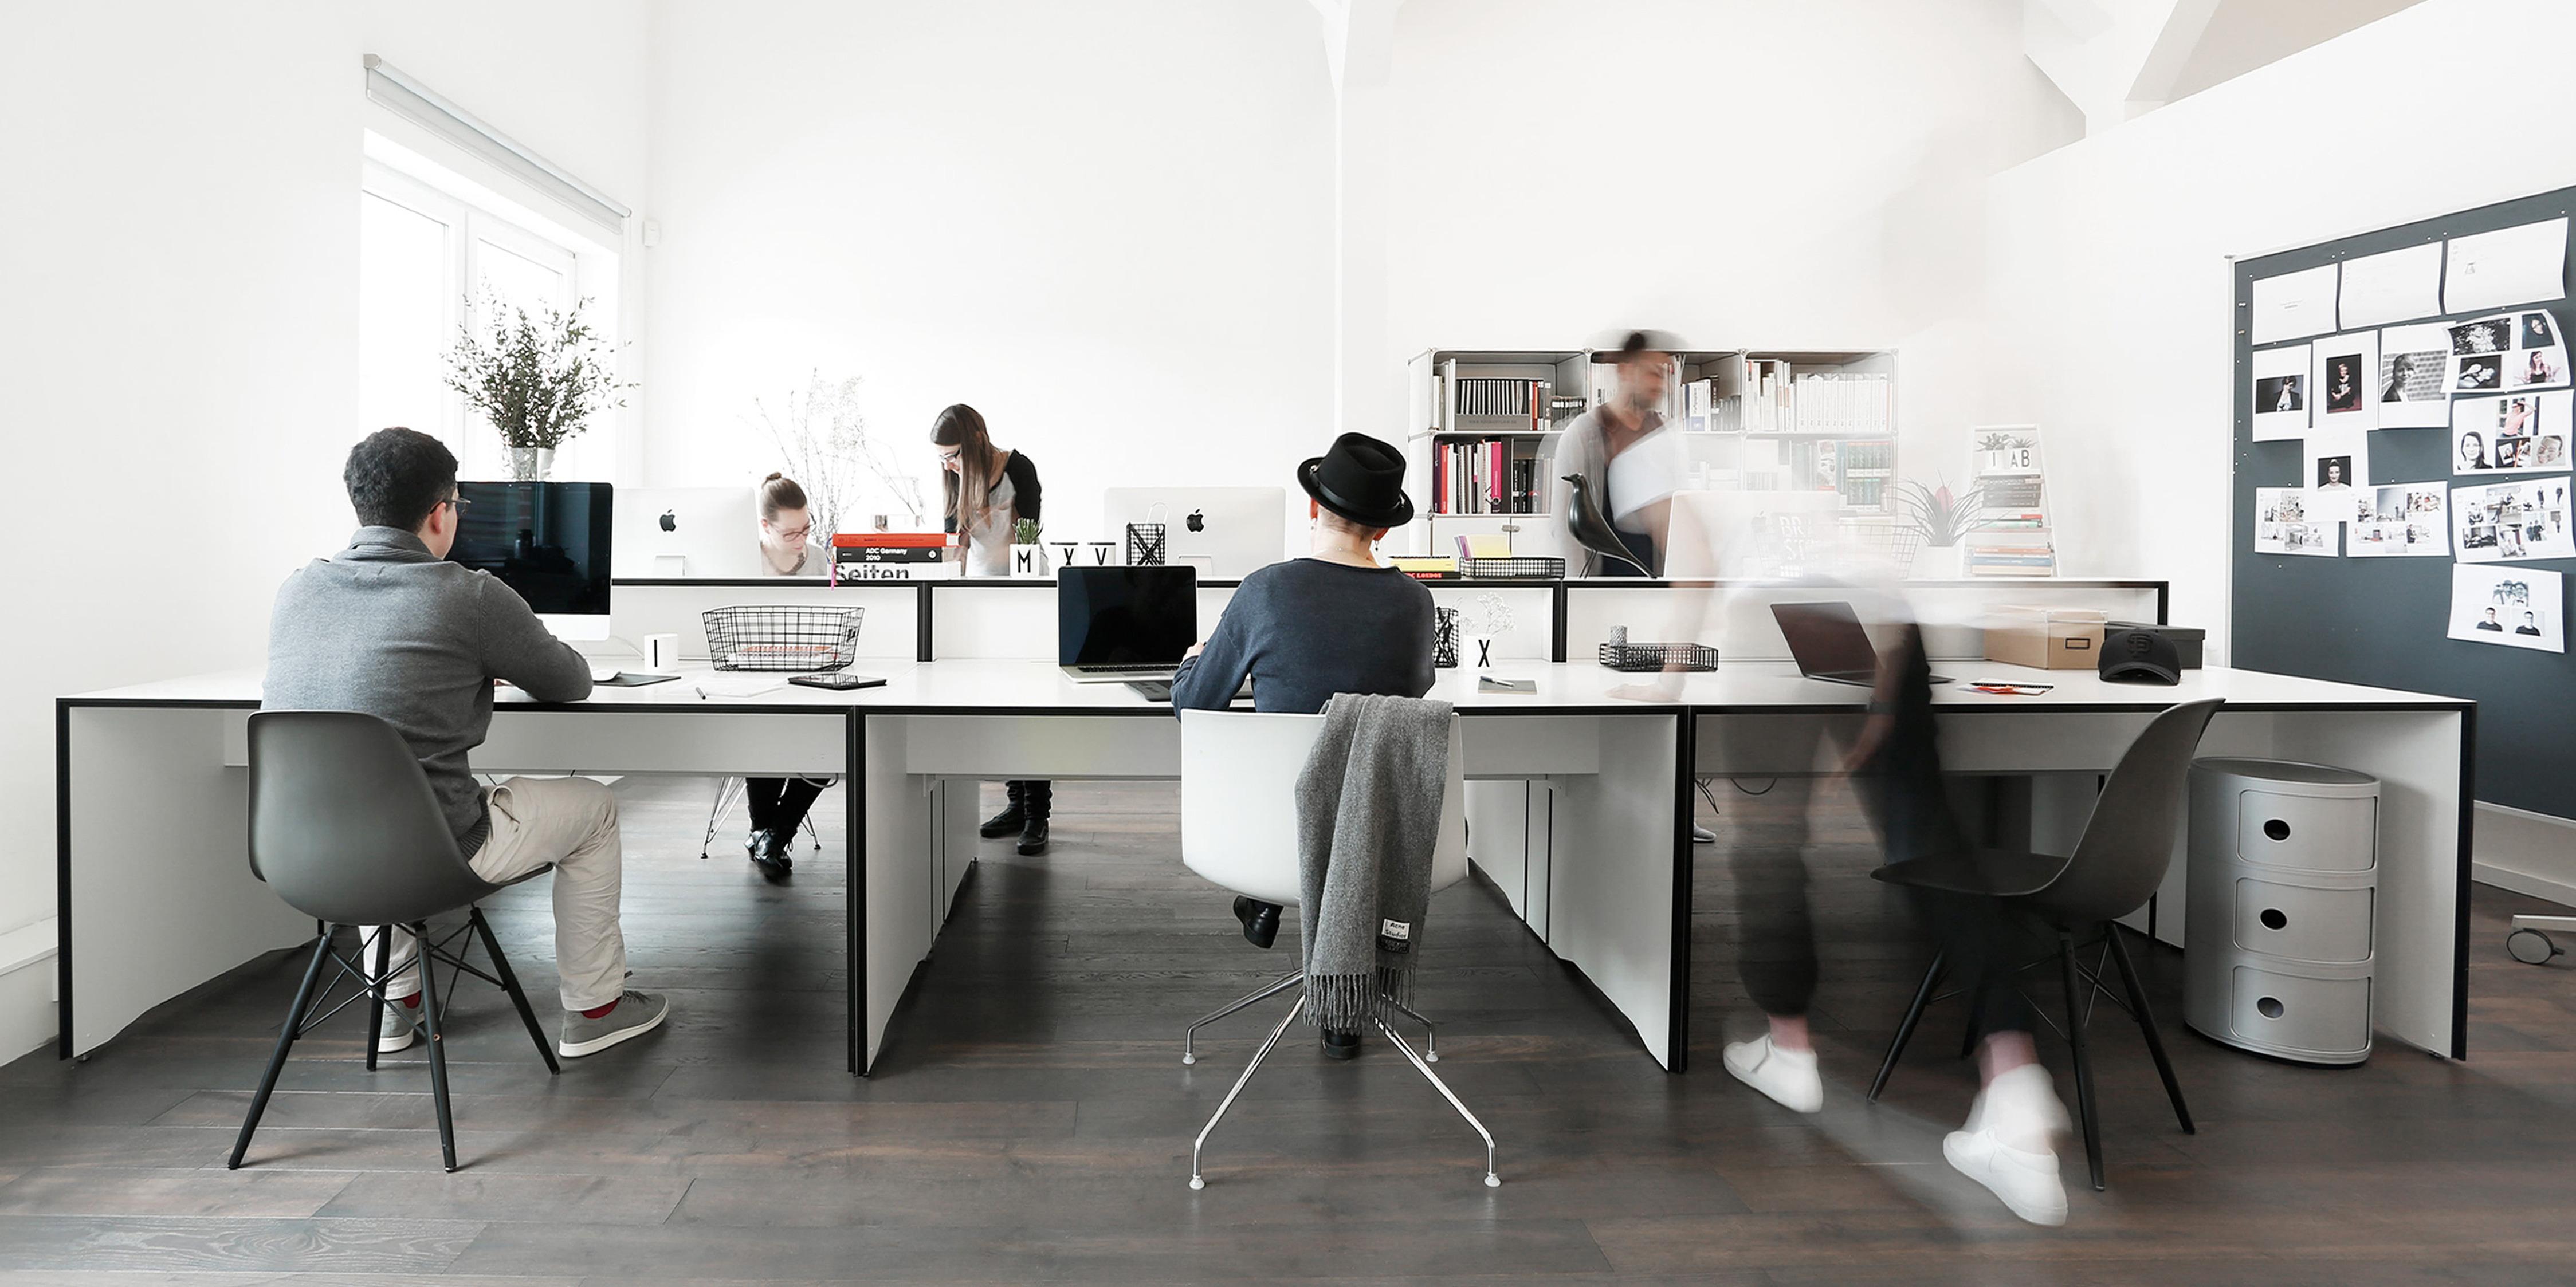 Die MONOKI Agenturräume geben Platz zum Denken und fördern die kreative Entwicklung.